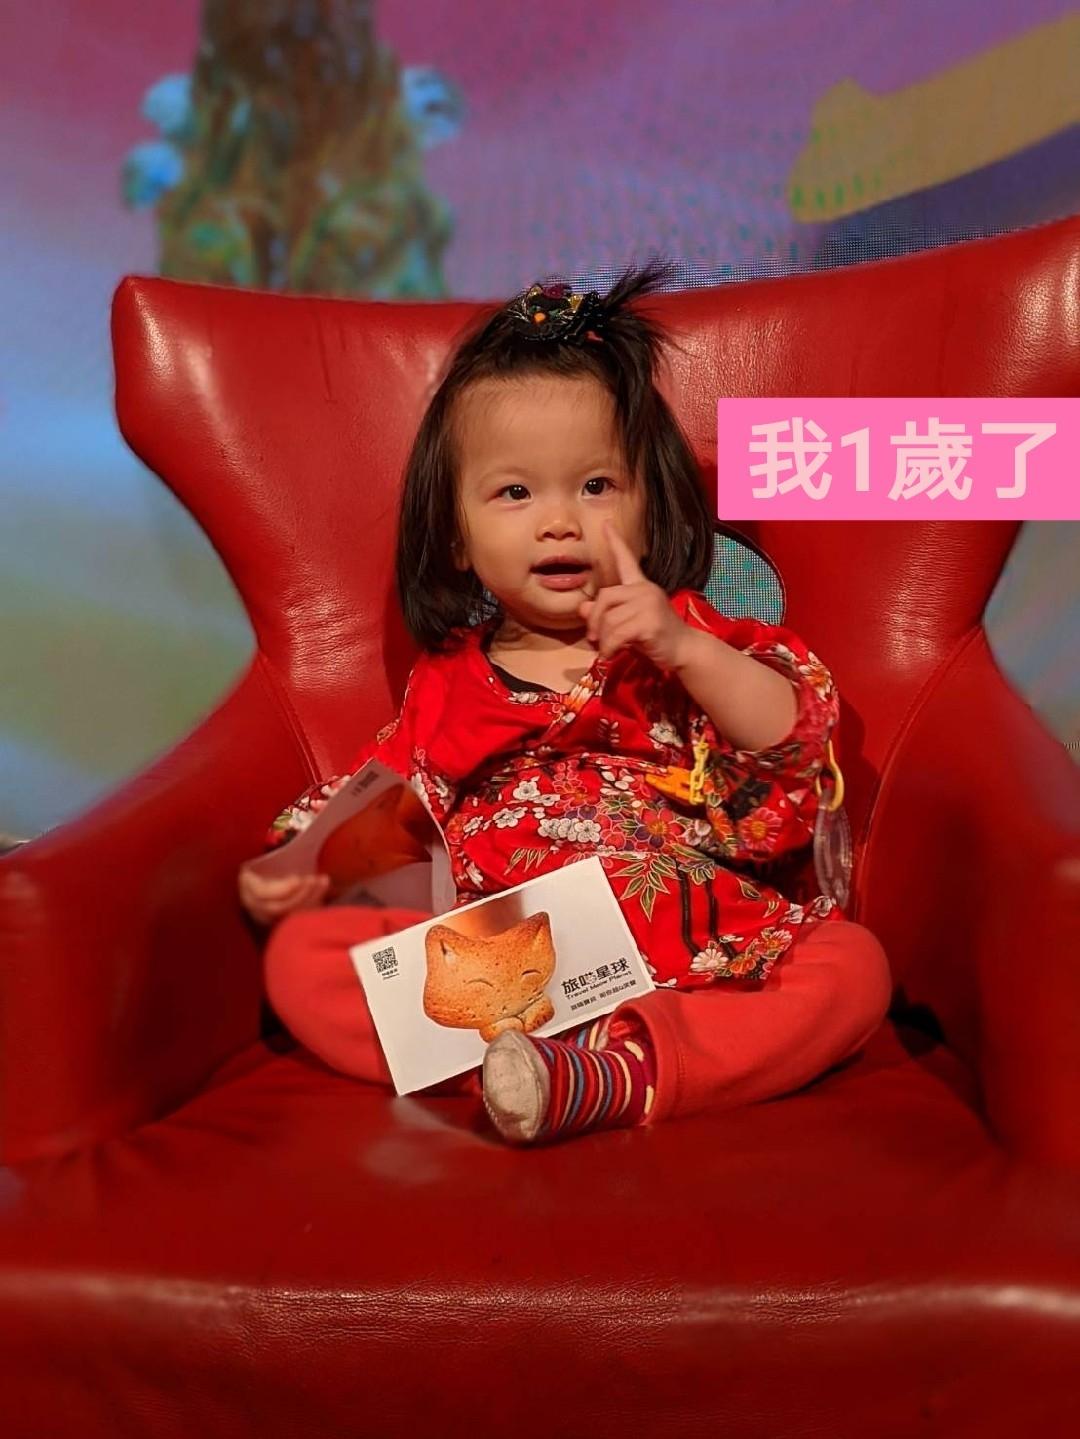 旅喵寶貝 向世界宣告:我1歲了